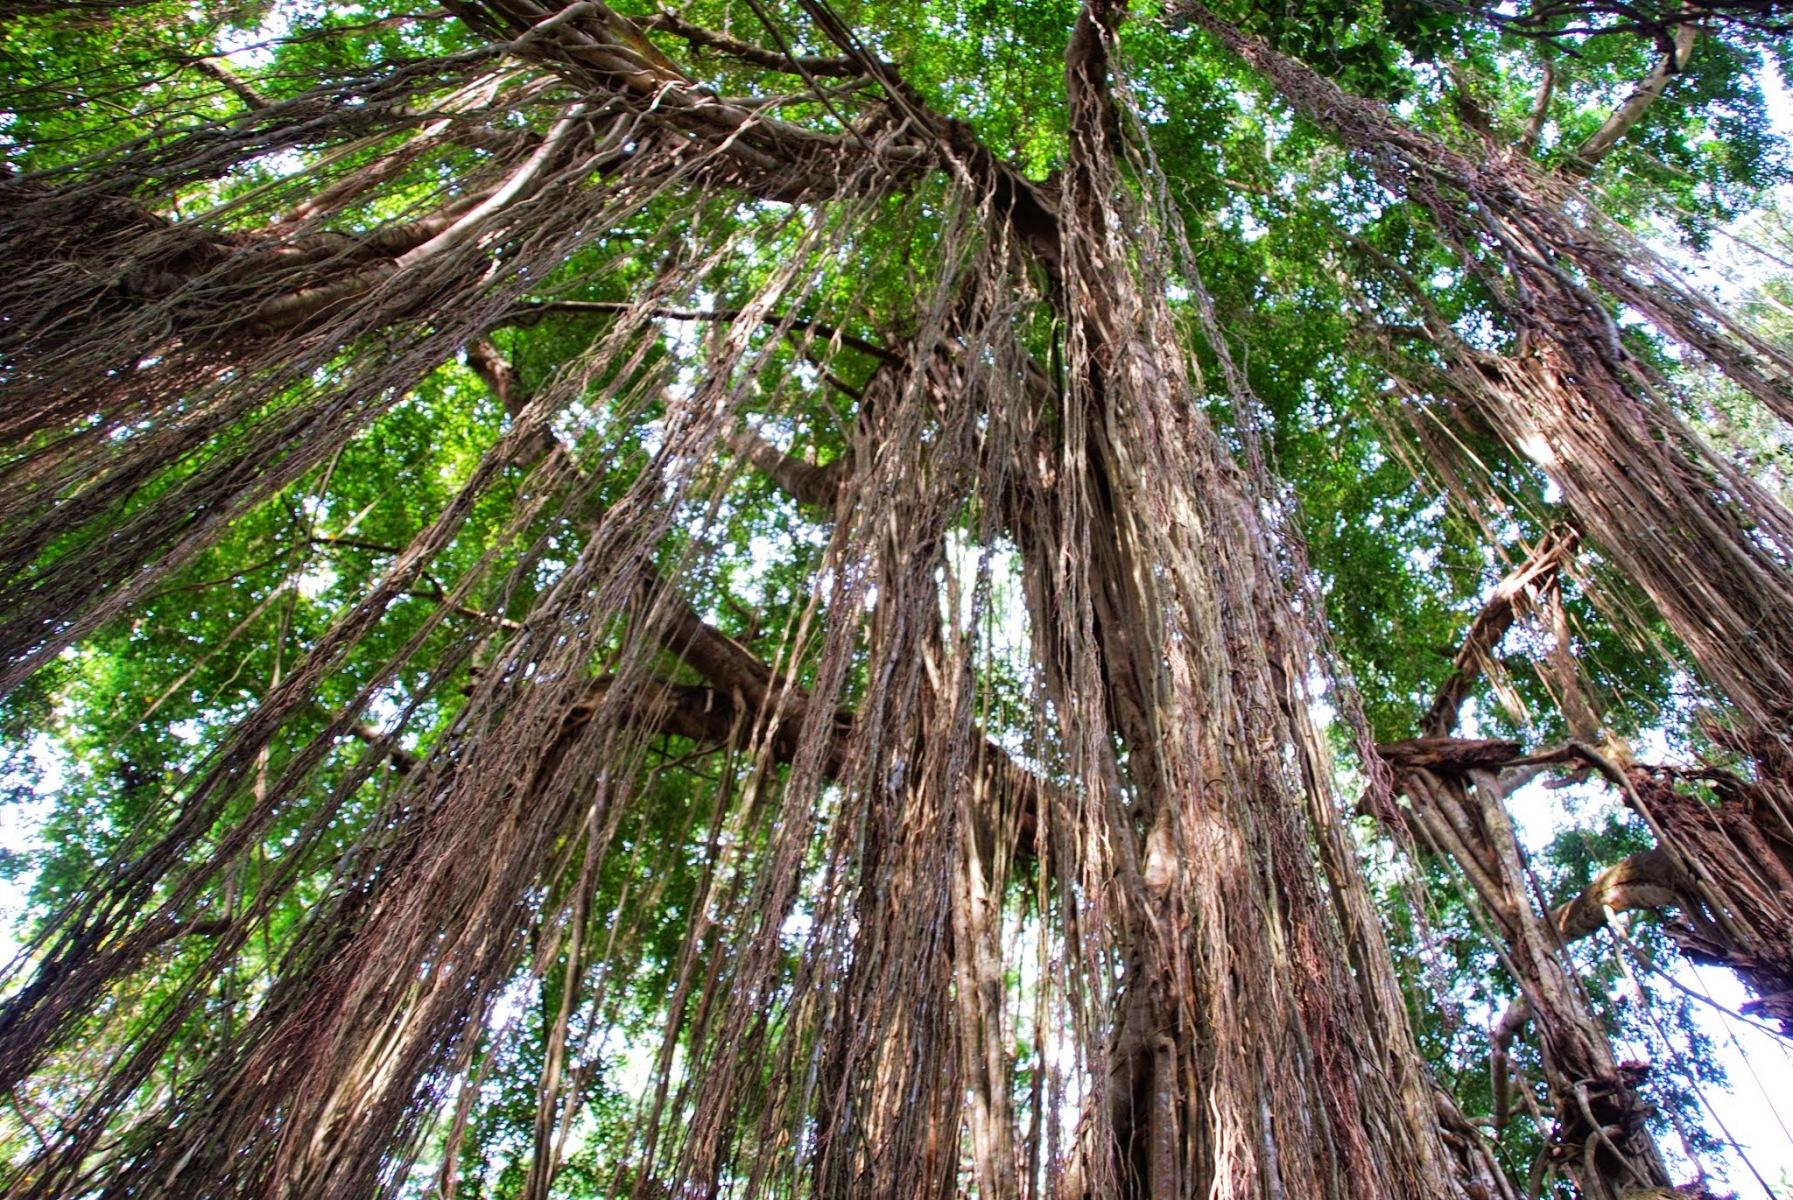 Bali - Ubud - Monkey forest